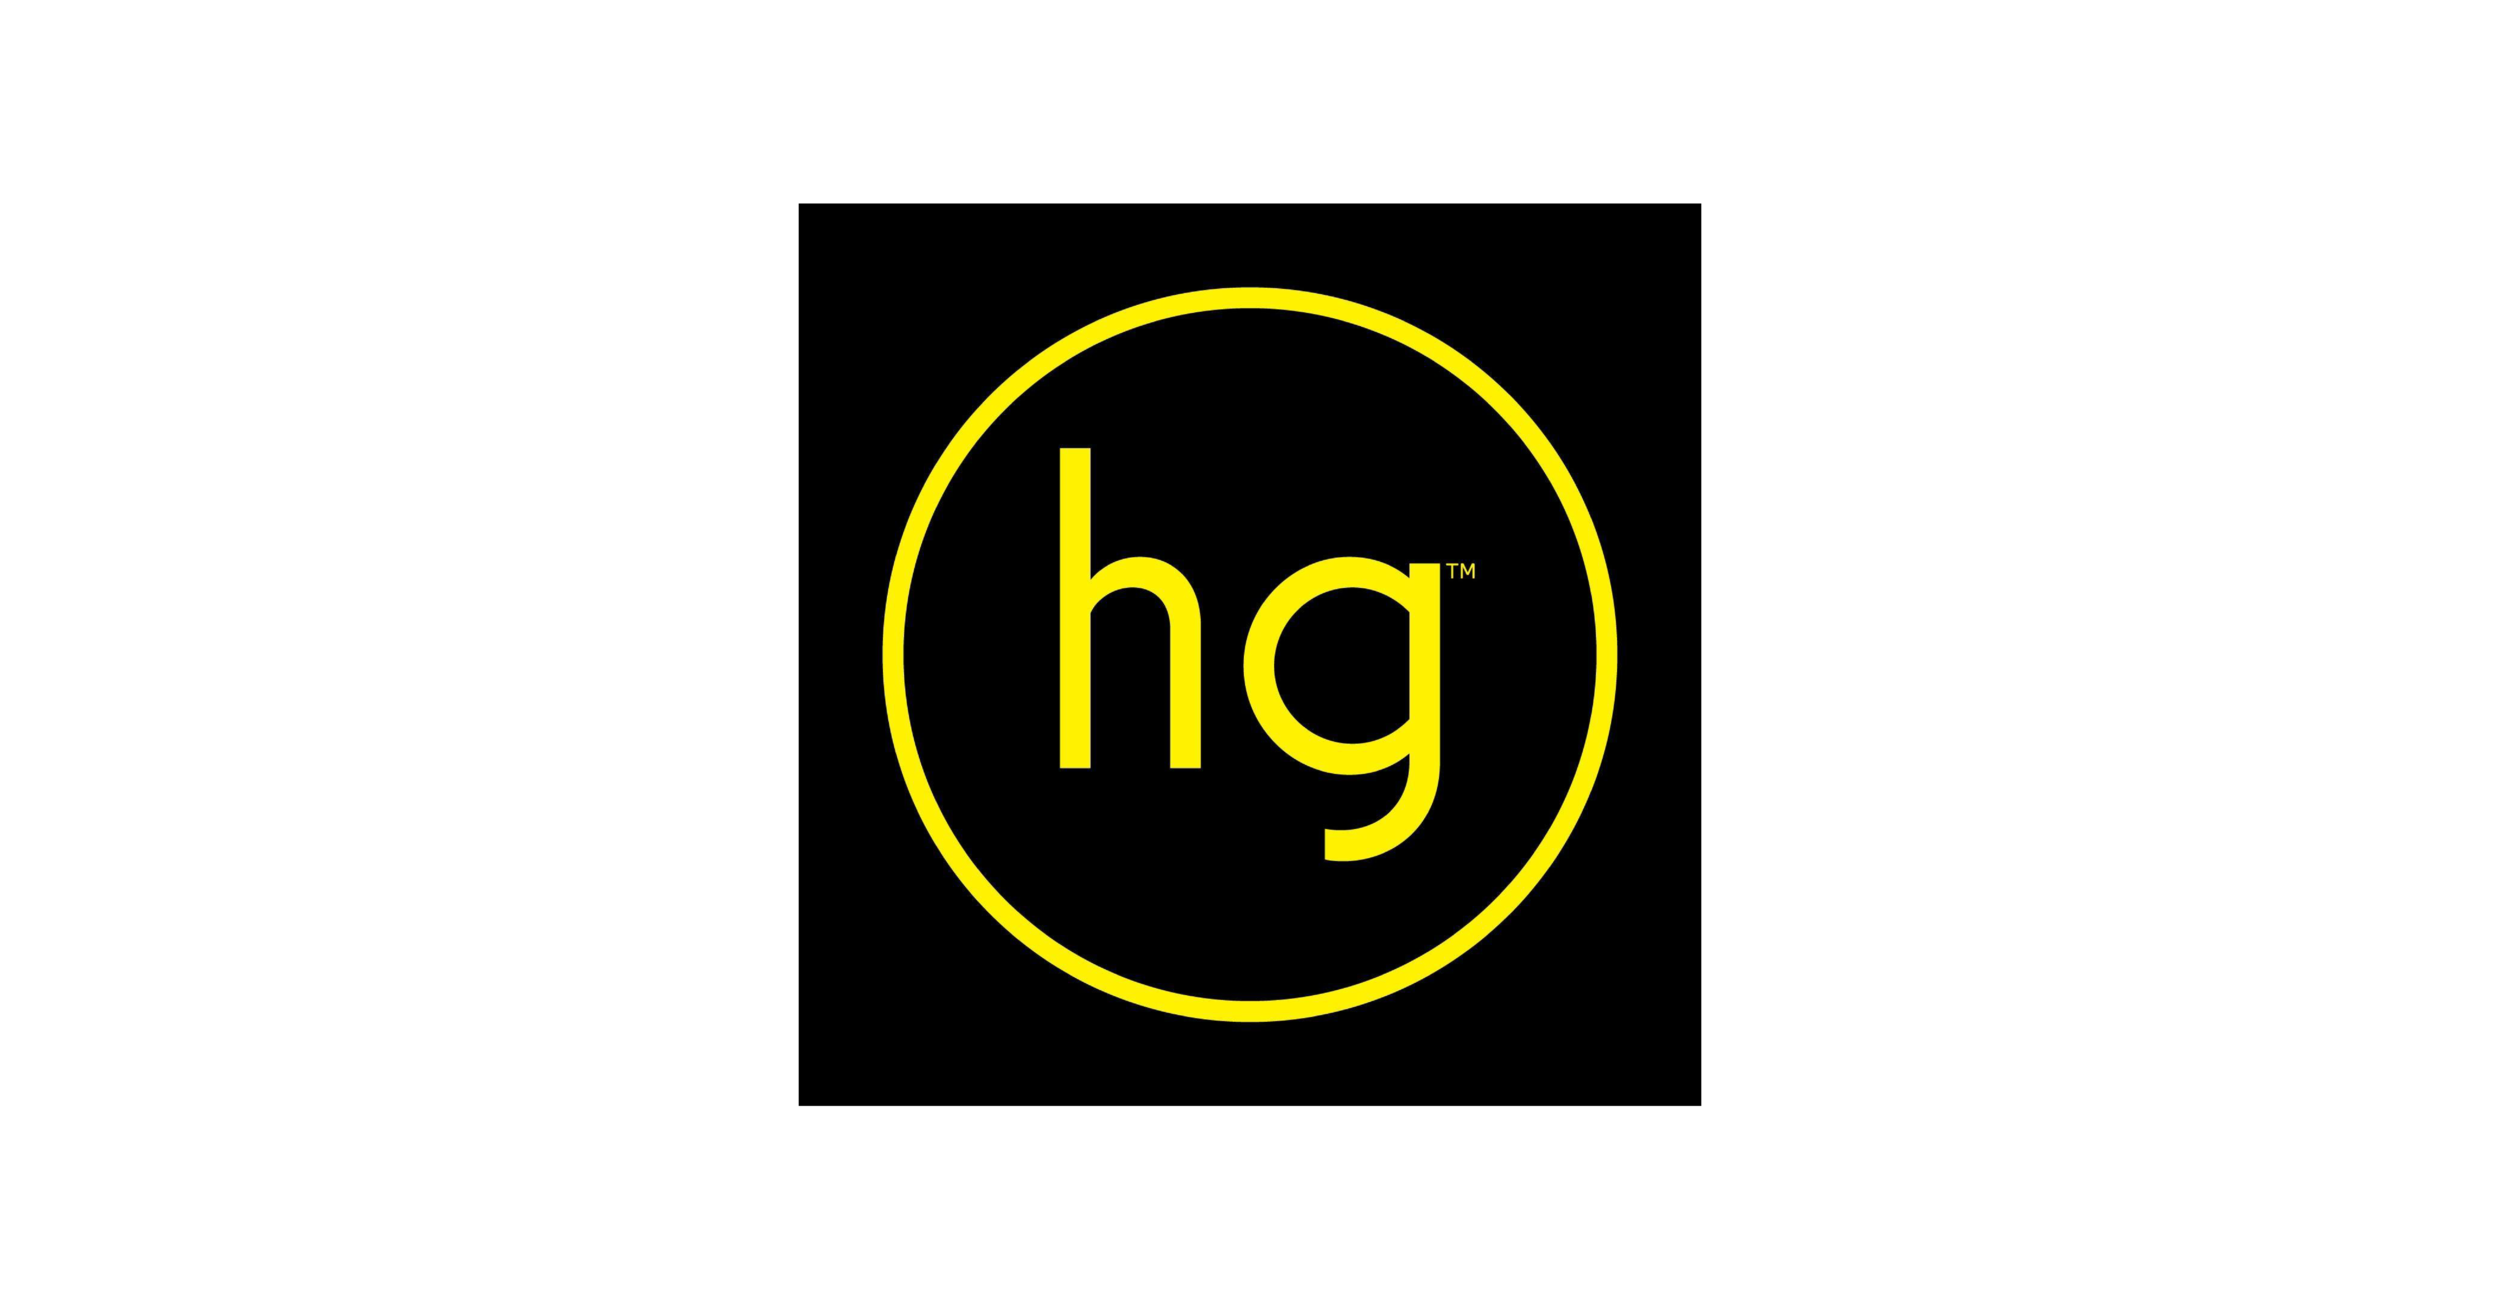 Plant-based tips for eating at honeygrow. Vegan menu options for honeygrow explained.